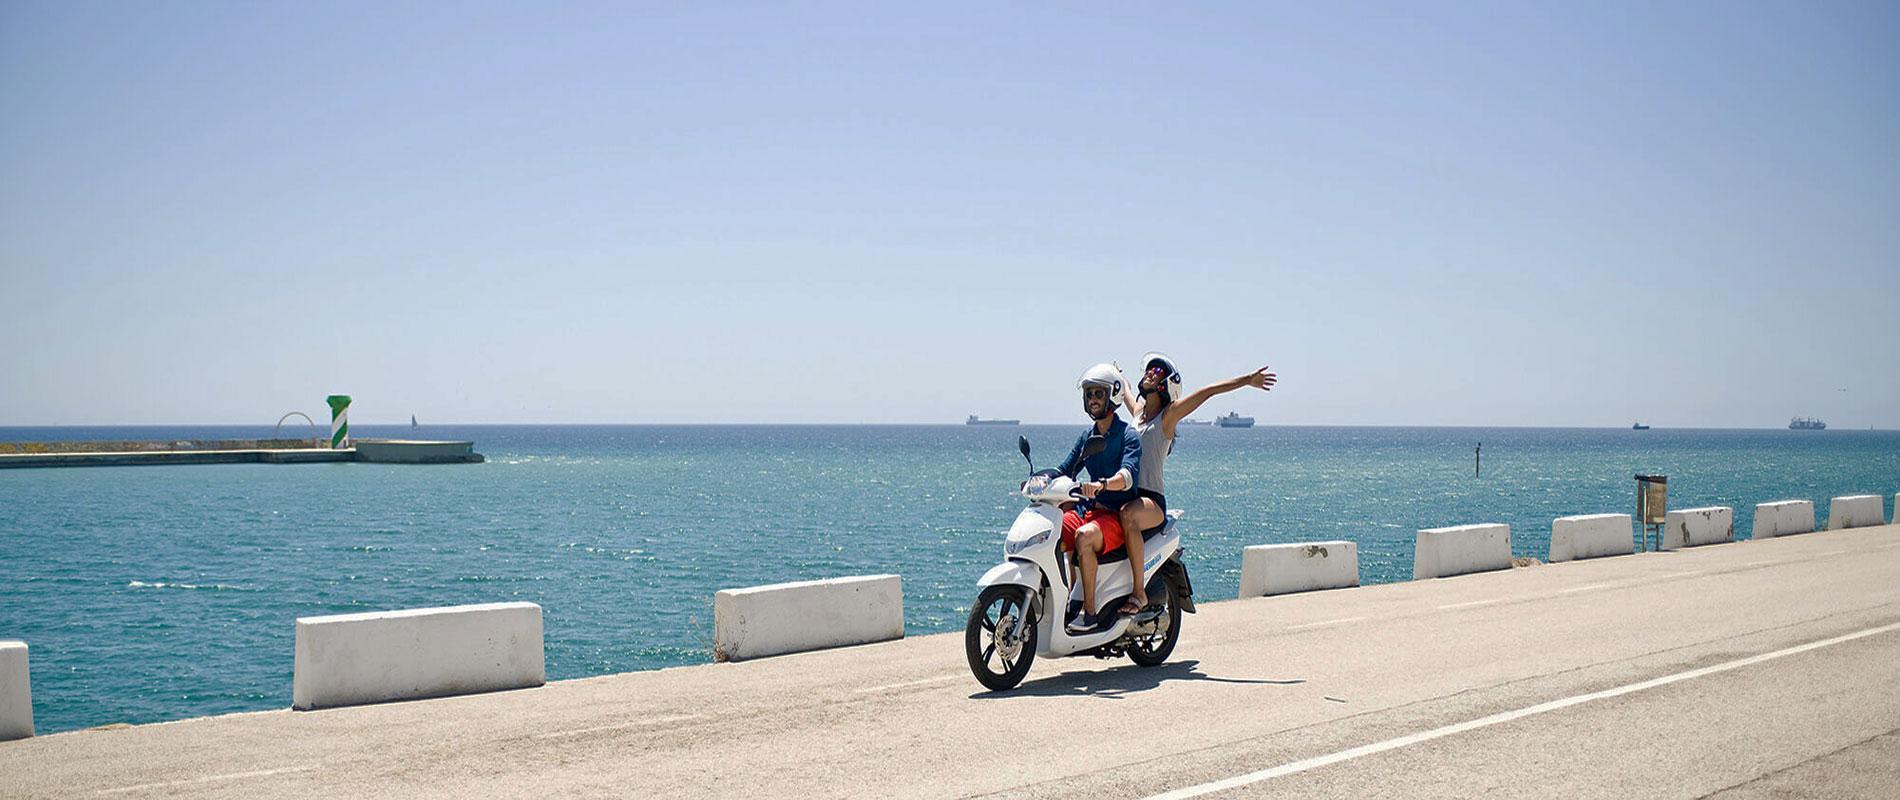 noleggio scooter zante